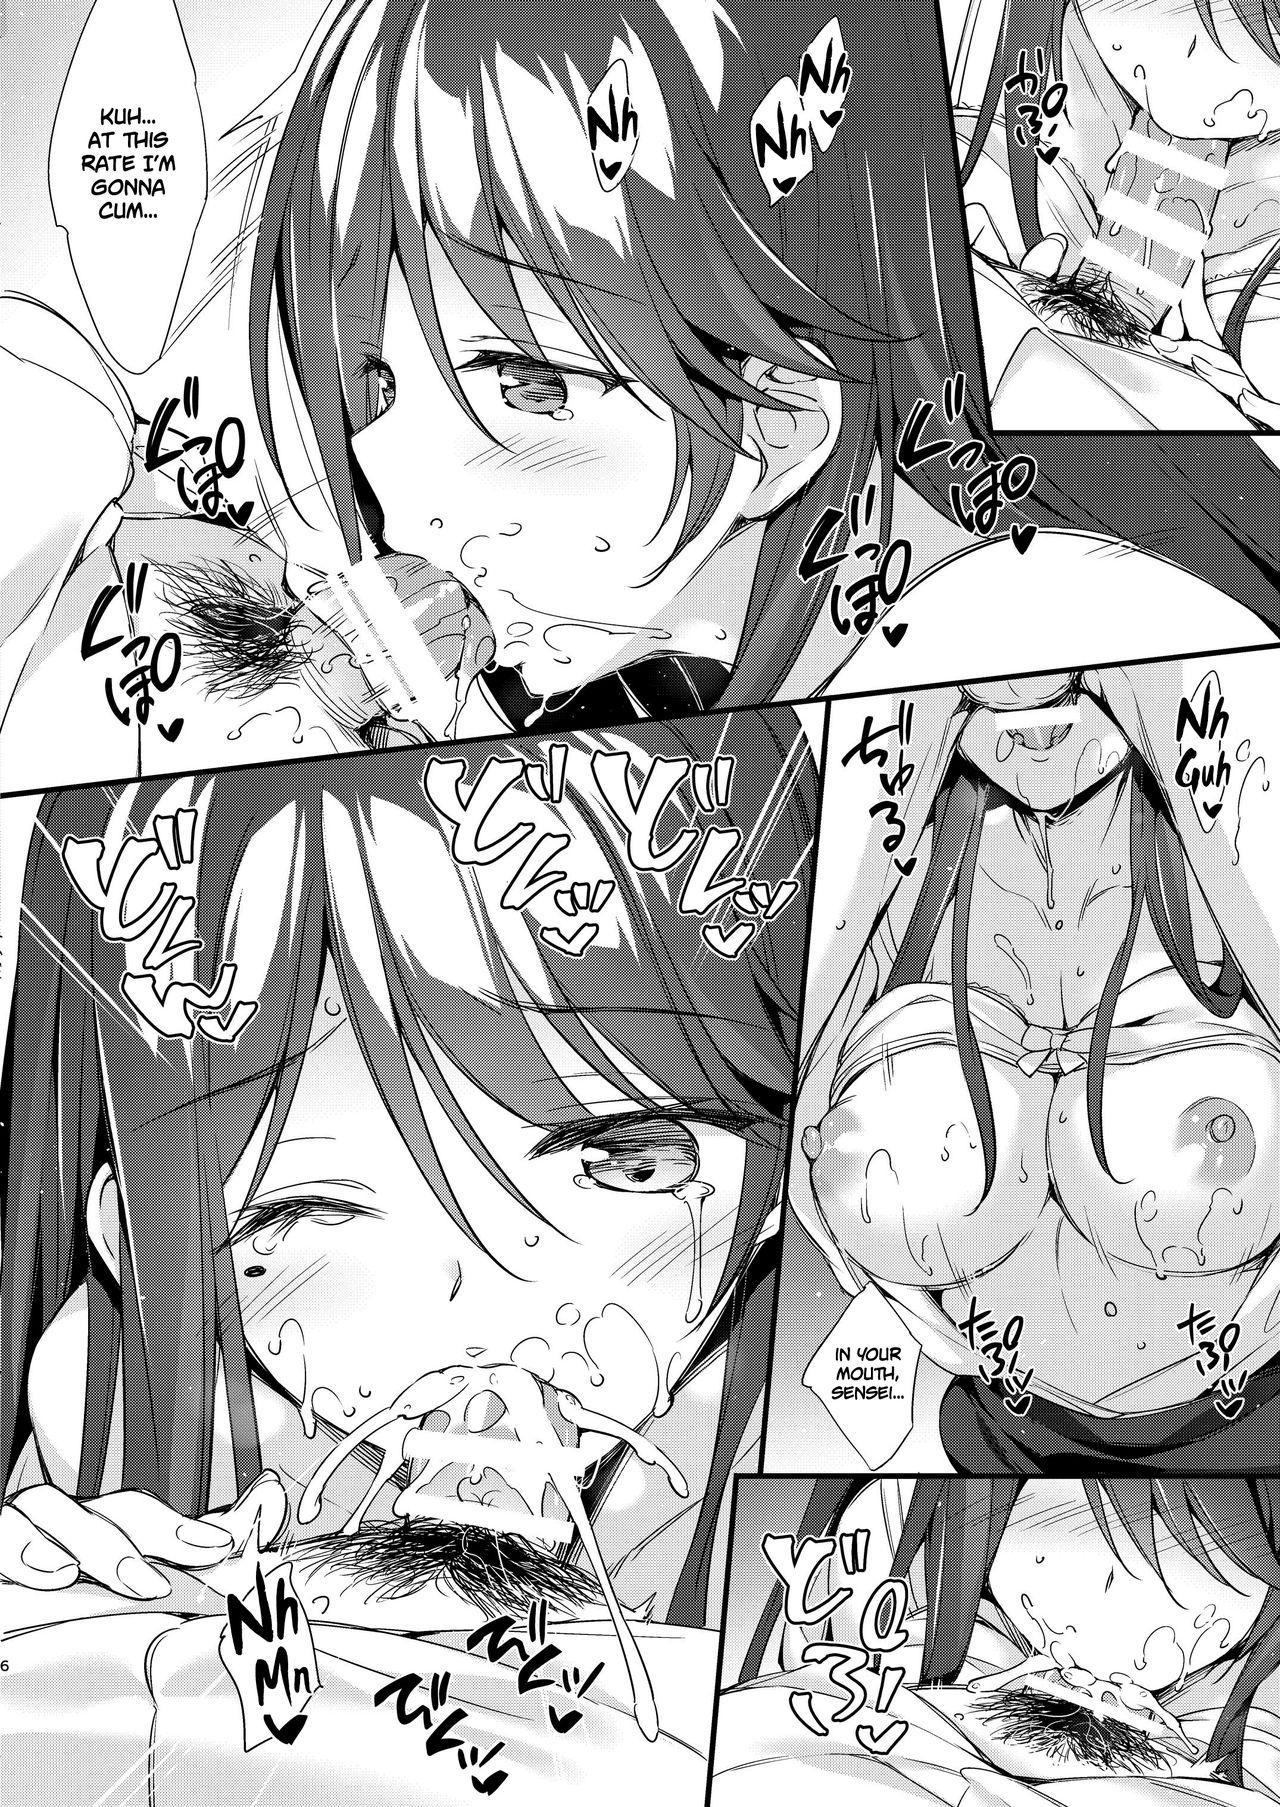 Hinano Sensei wa Boku no Kanojo | Hinano Sensei Is My Girlfriend 5